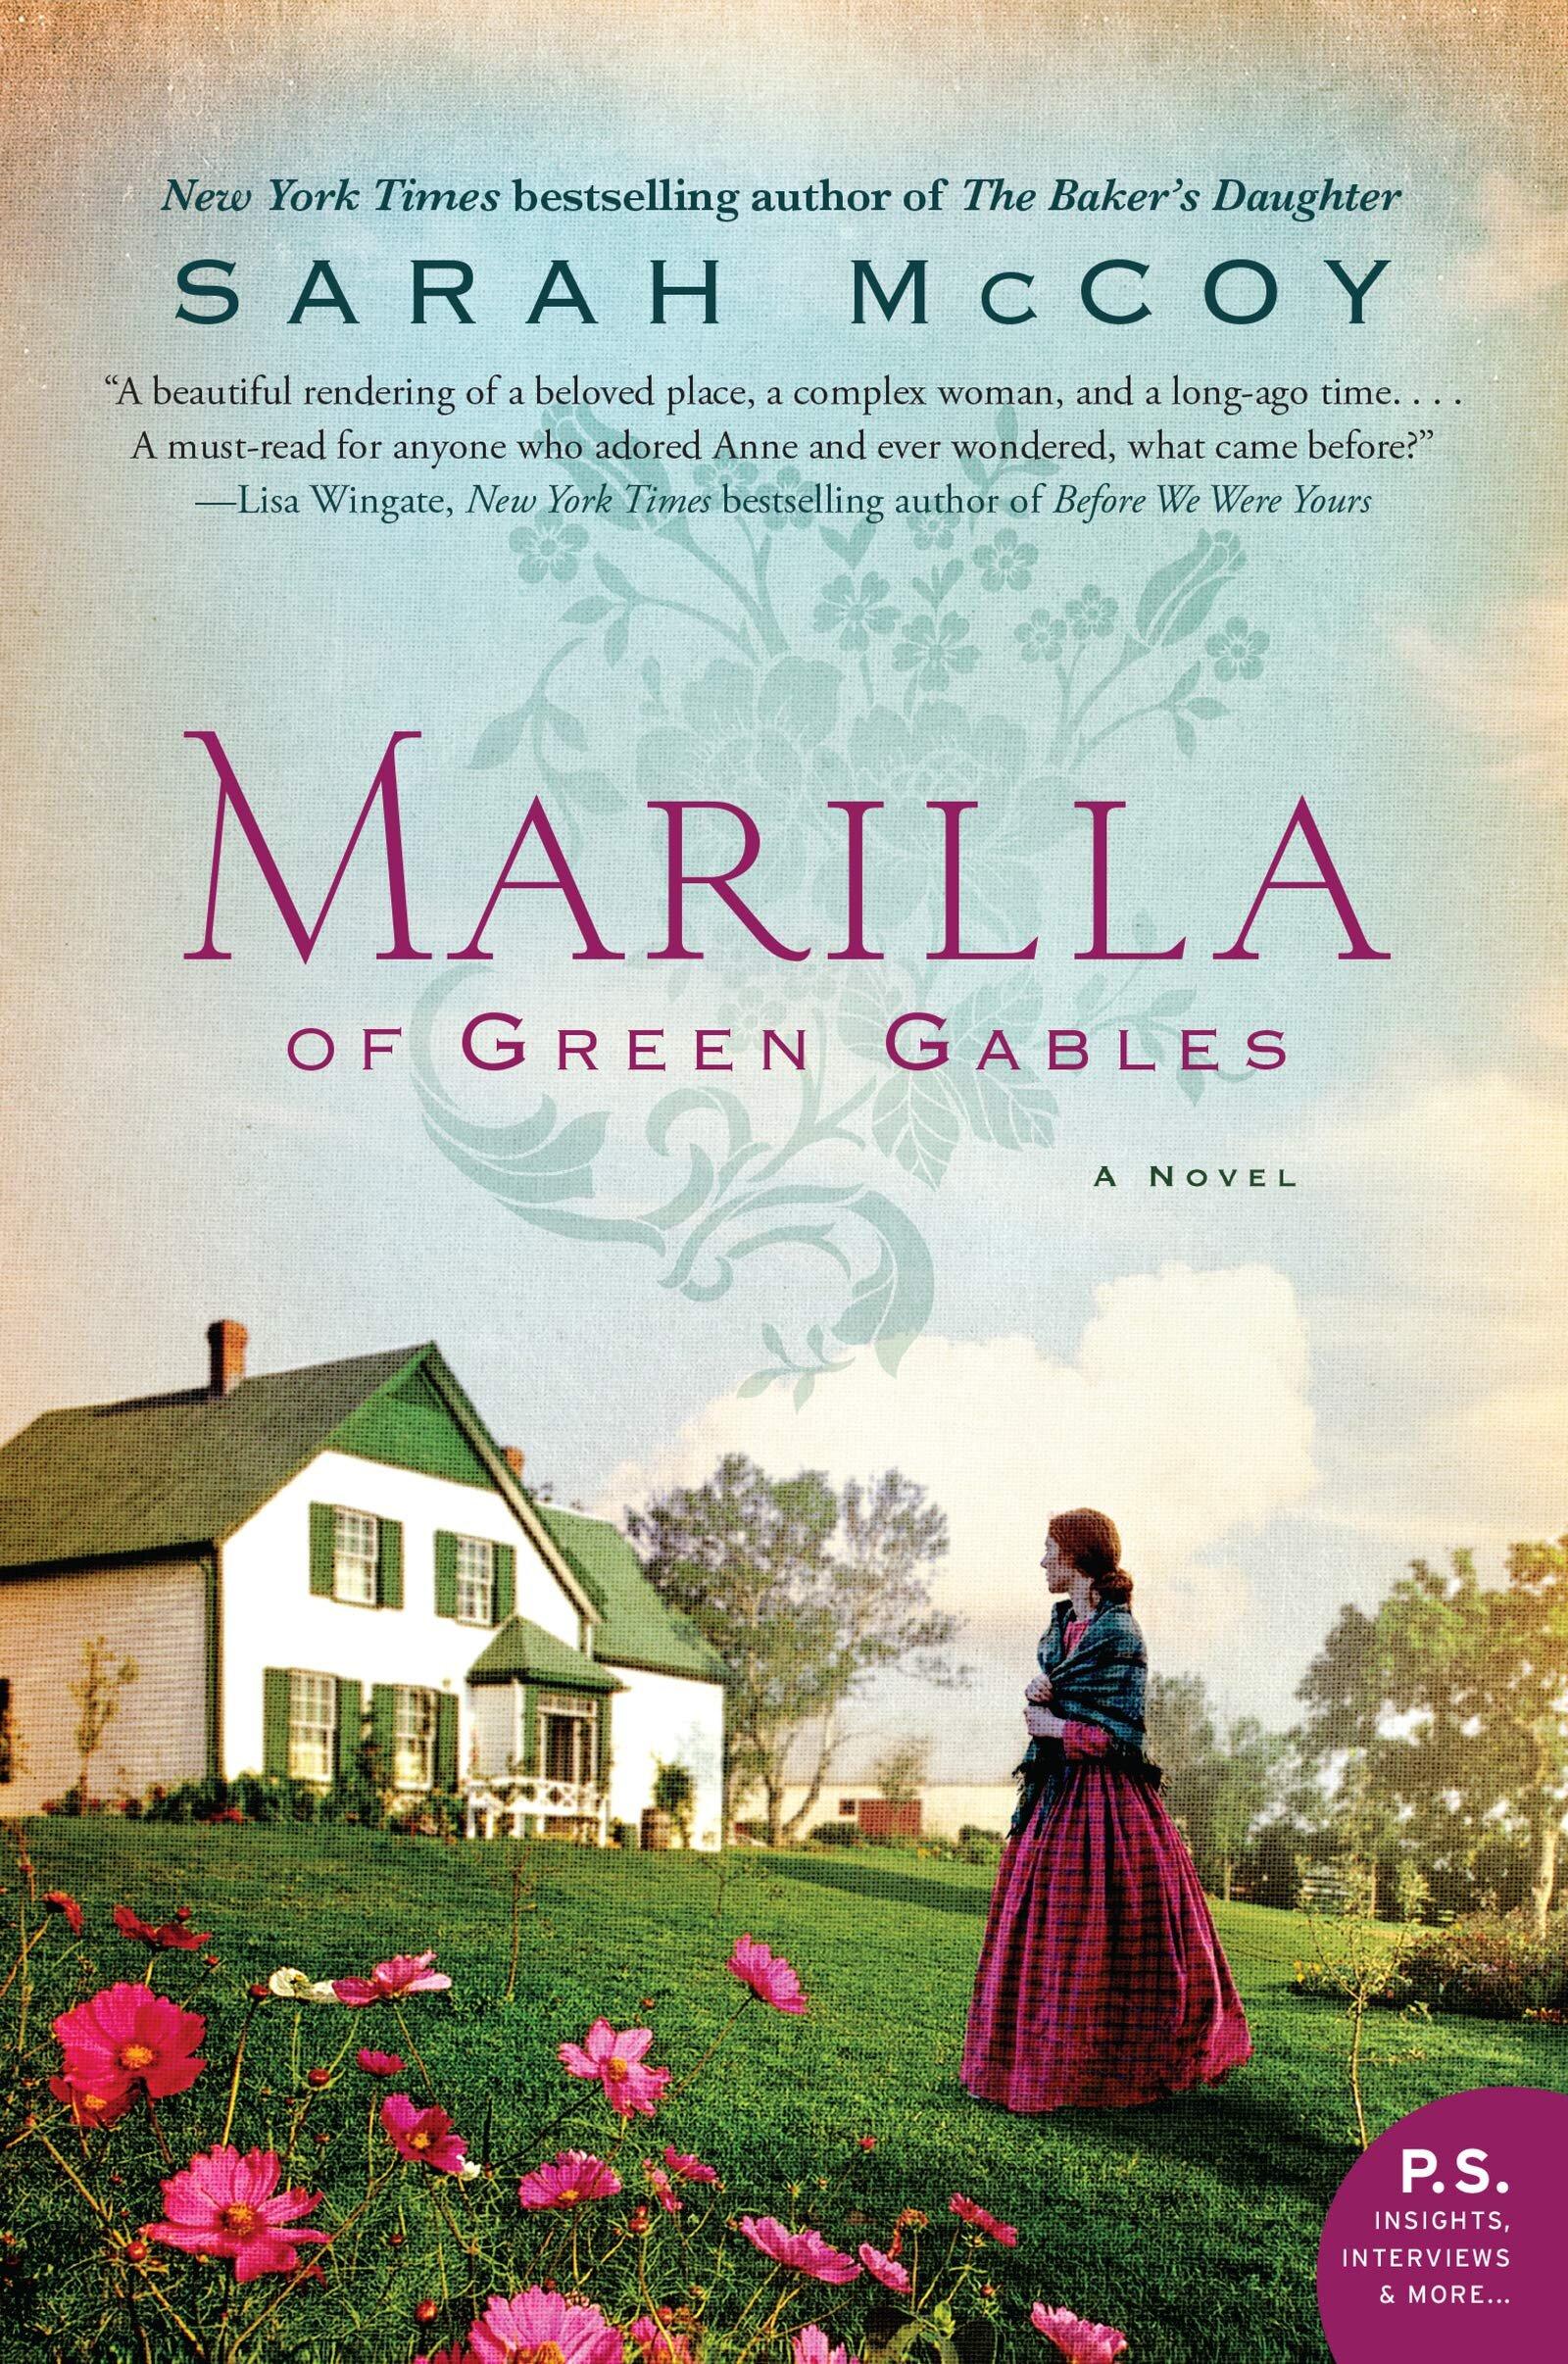 MARILLA OF GREEN GABLES by Sarah McCoy